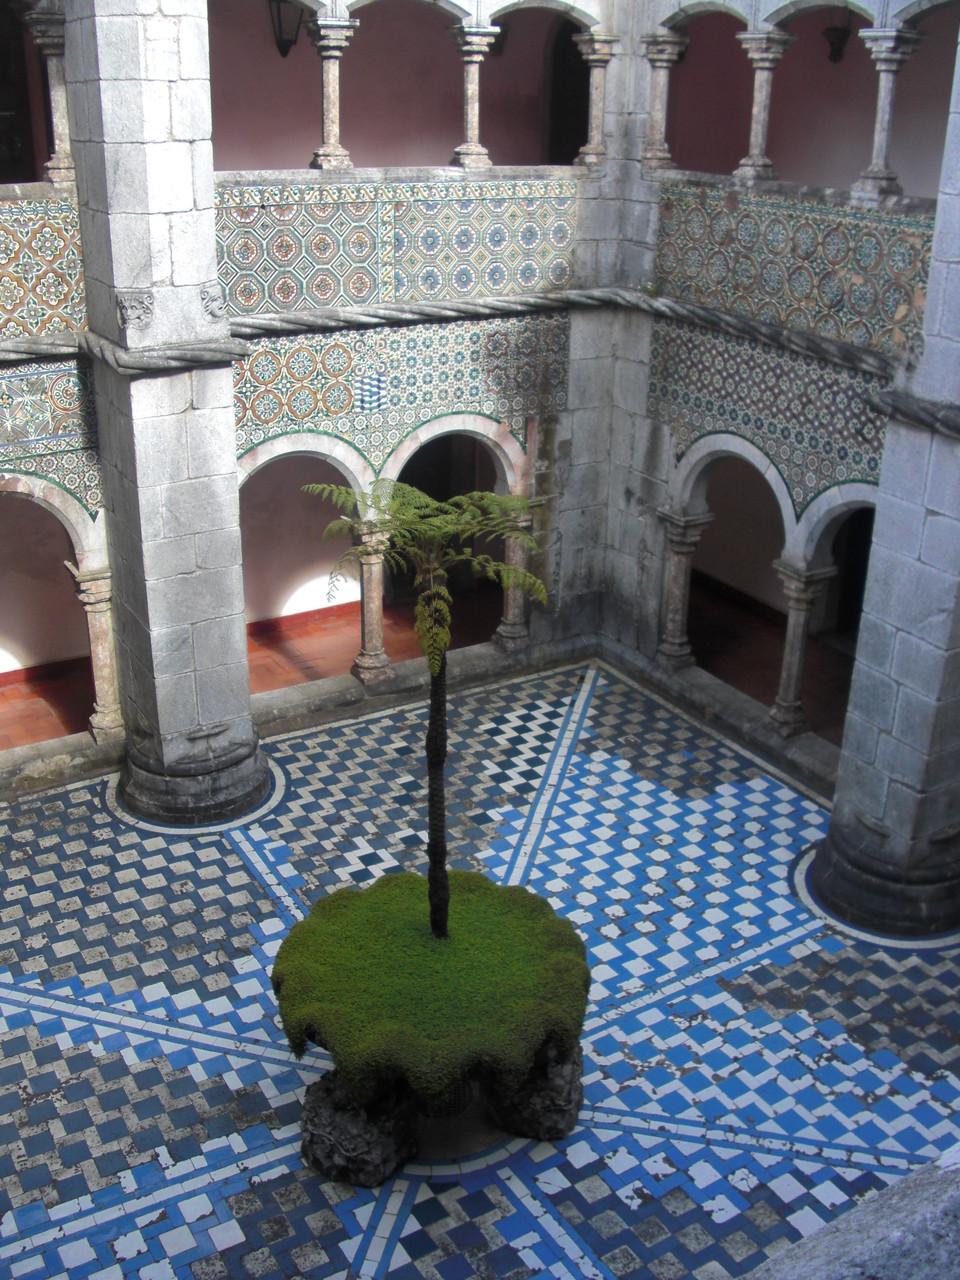 Cour intérieur - Chateau de Pena (photographié par moi même)